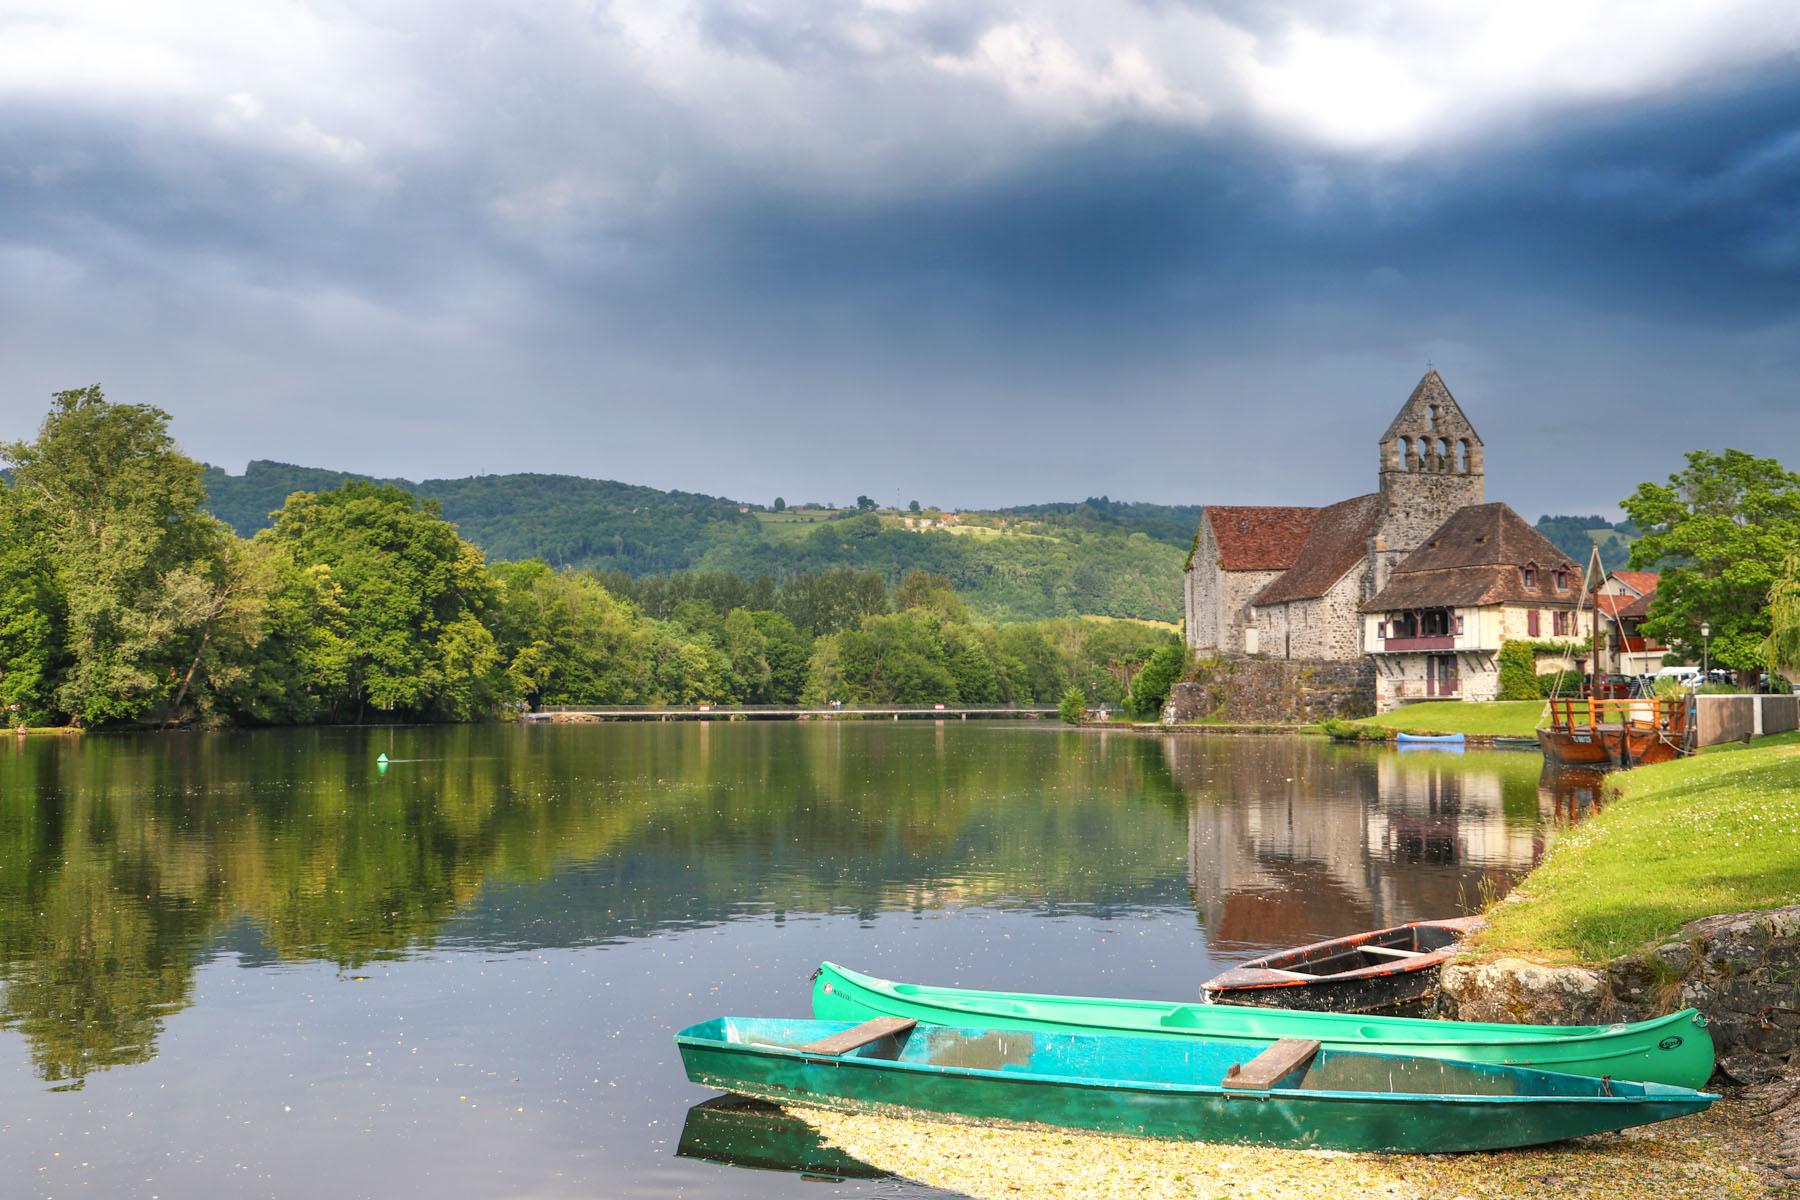 chapelle-Penitents-beaulieu-sur-Dordogne-Correze